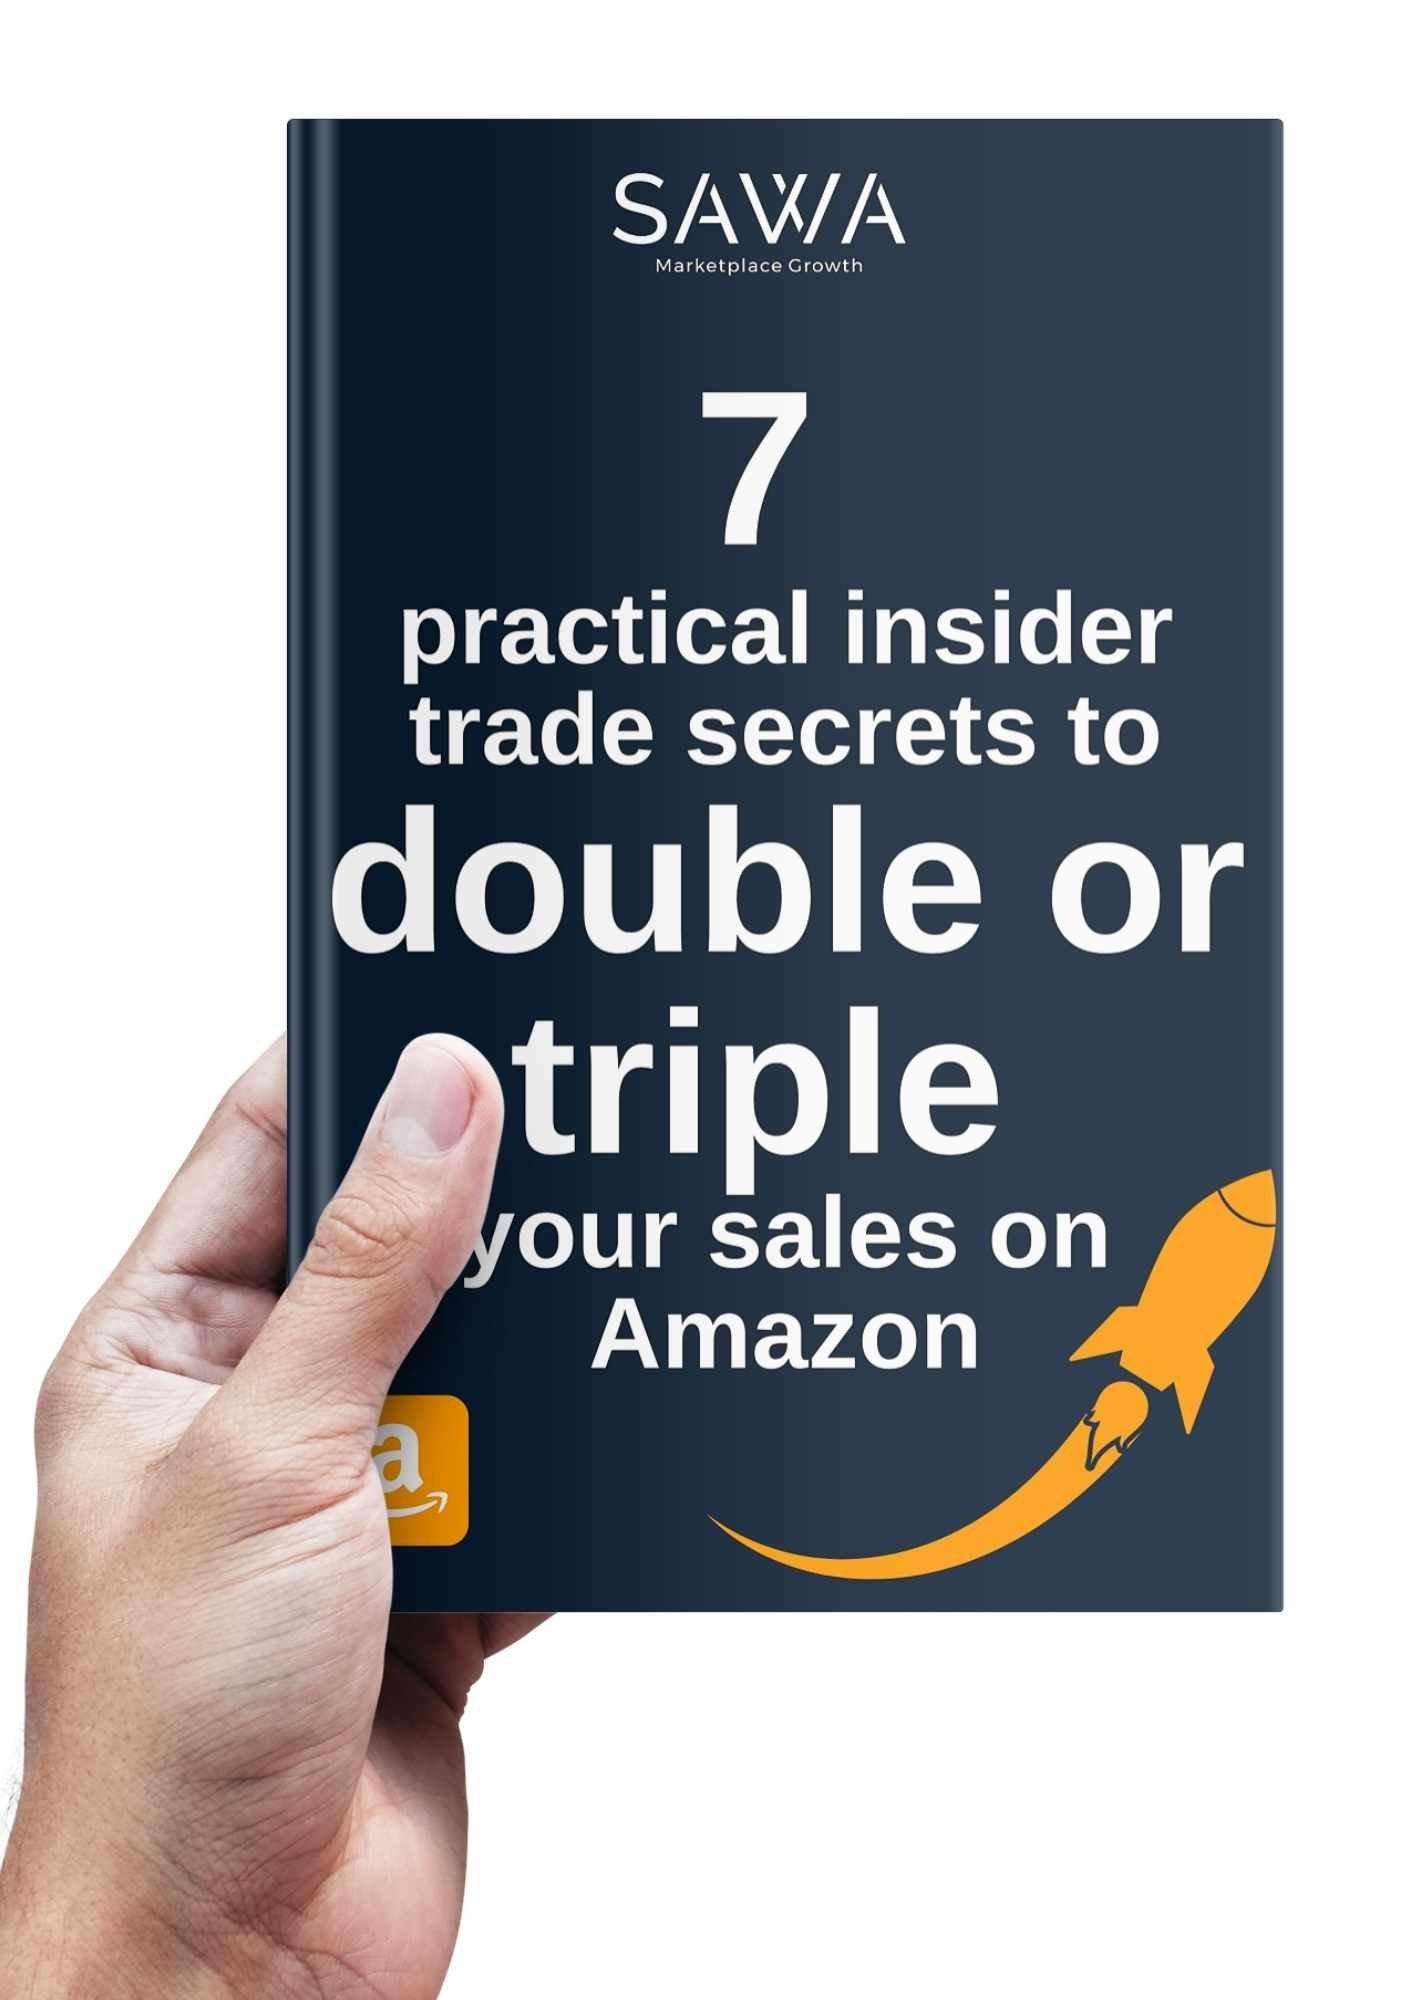 Amazon Ebook mockup - SAWA